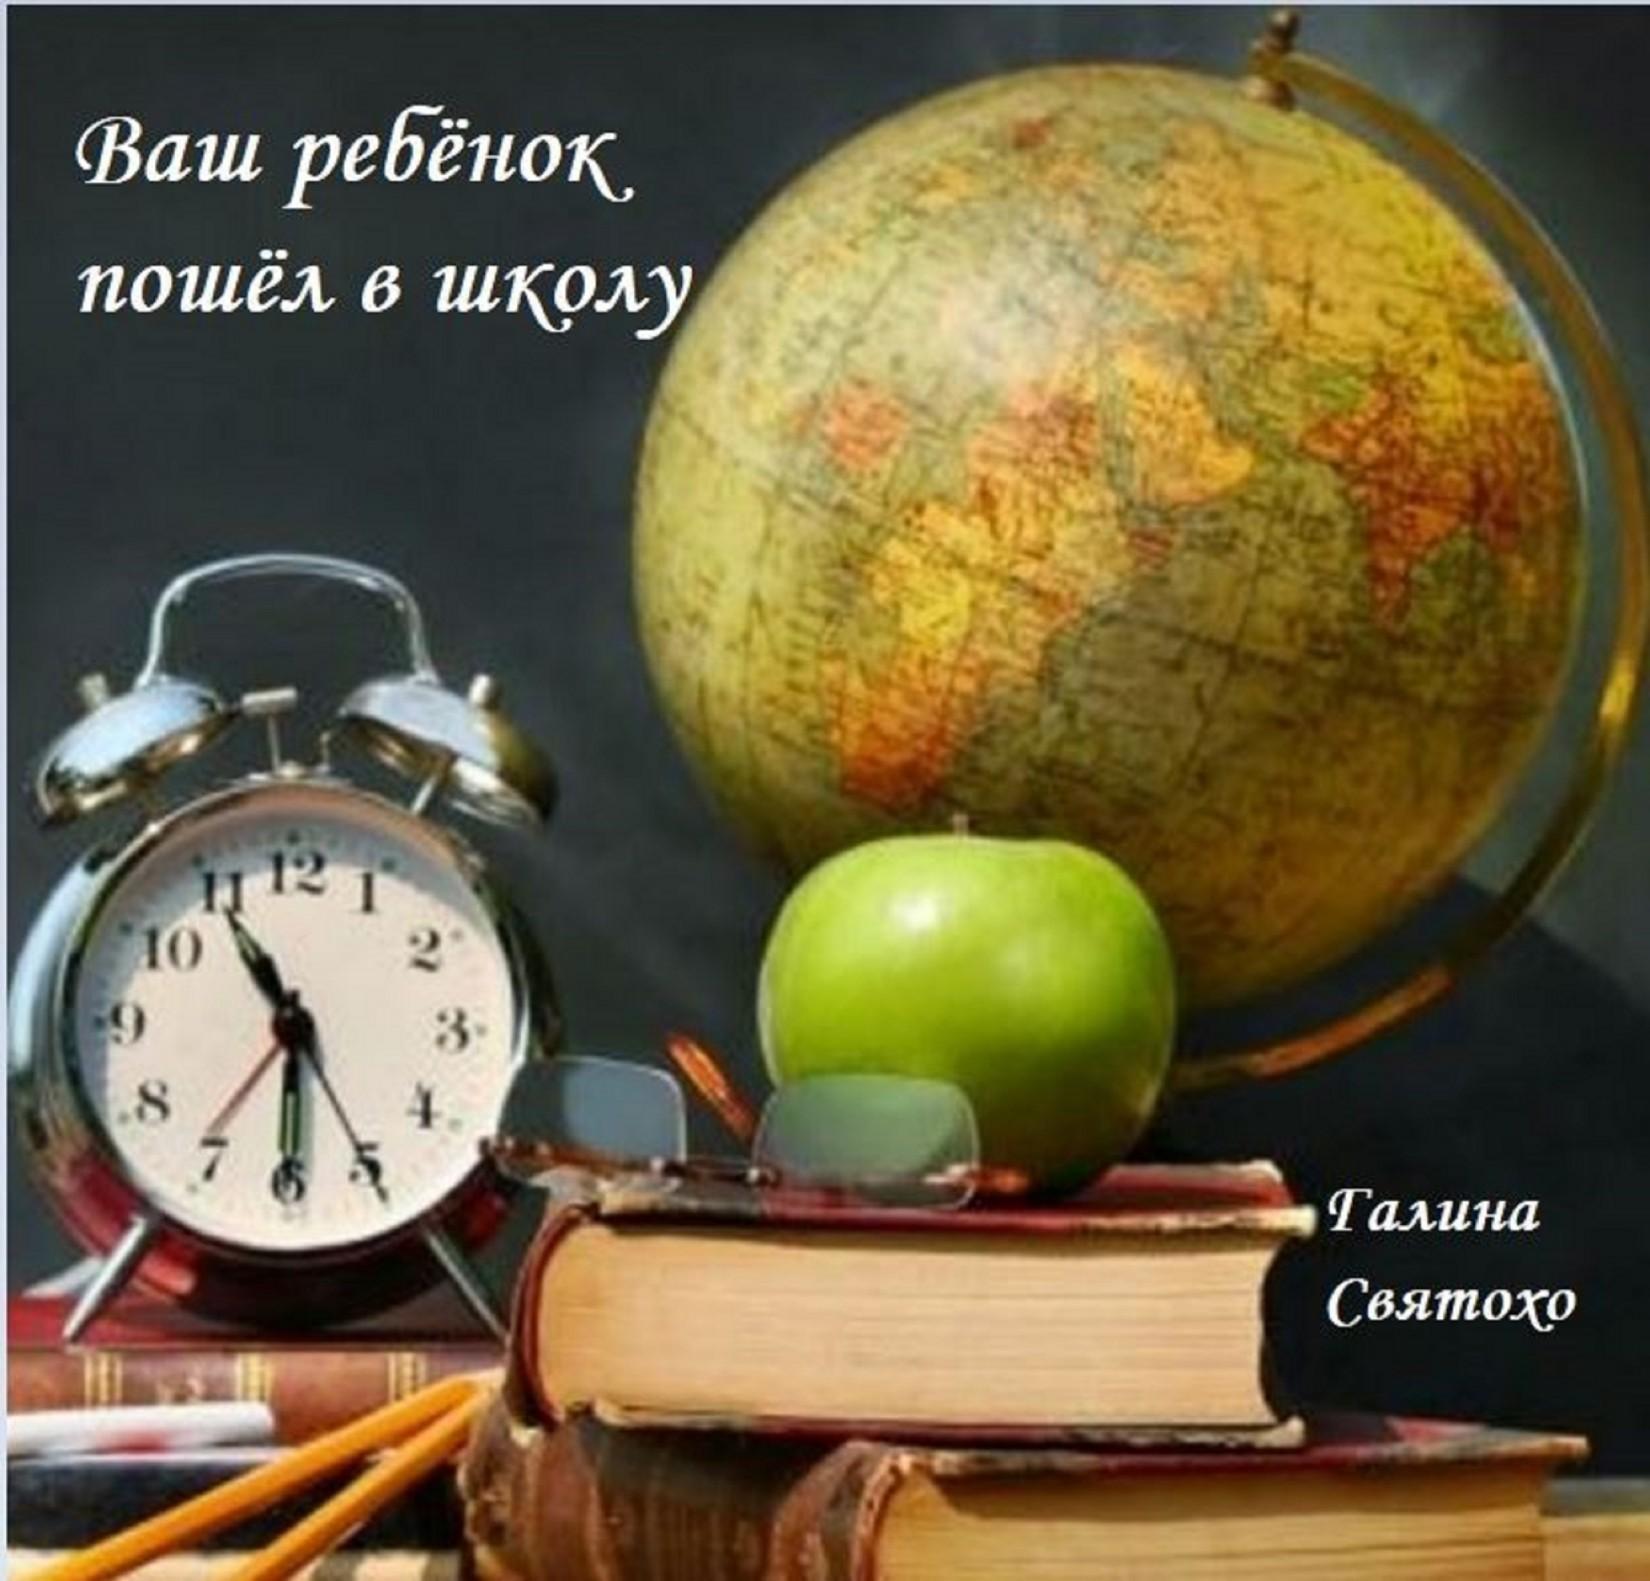 Галина Святохо - Ваш ребёнок пошёл в школу